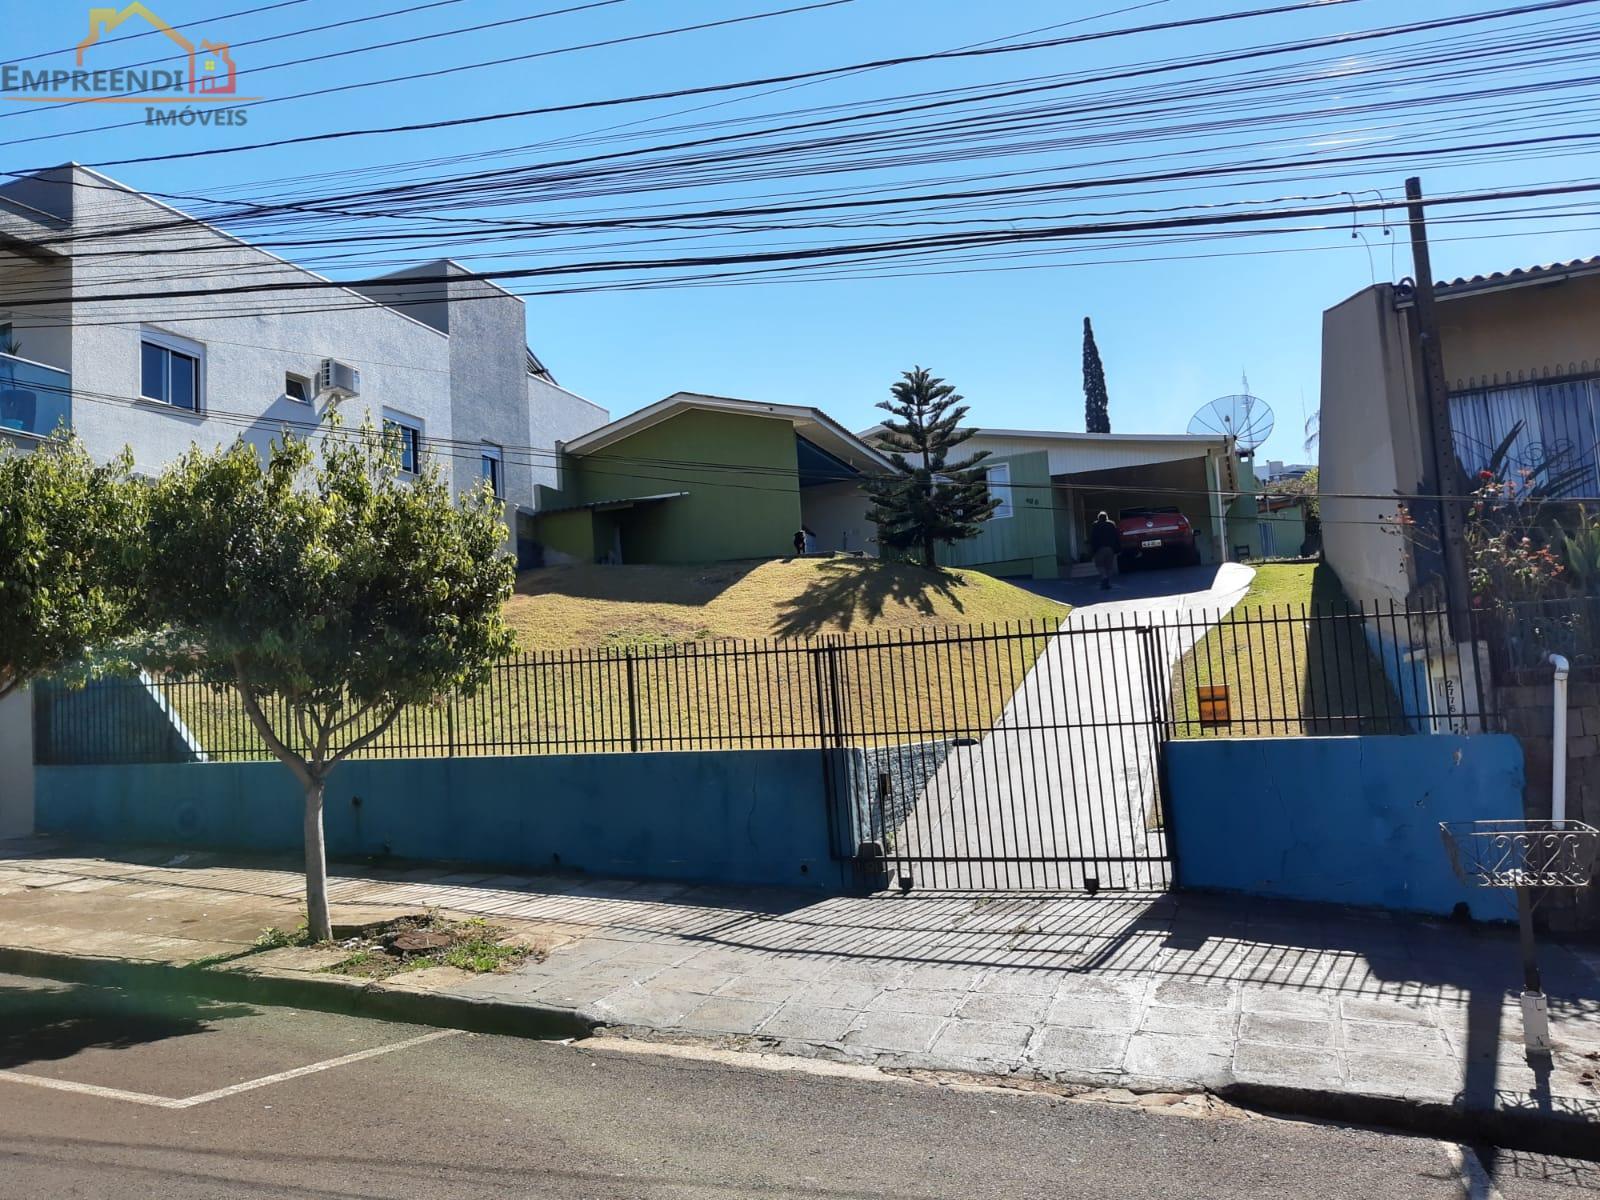 Casa com 4 dormitórios à venda, AMADORI, PATO BRANCO - PR